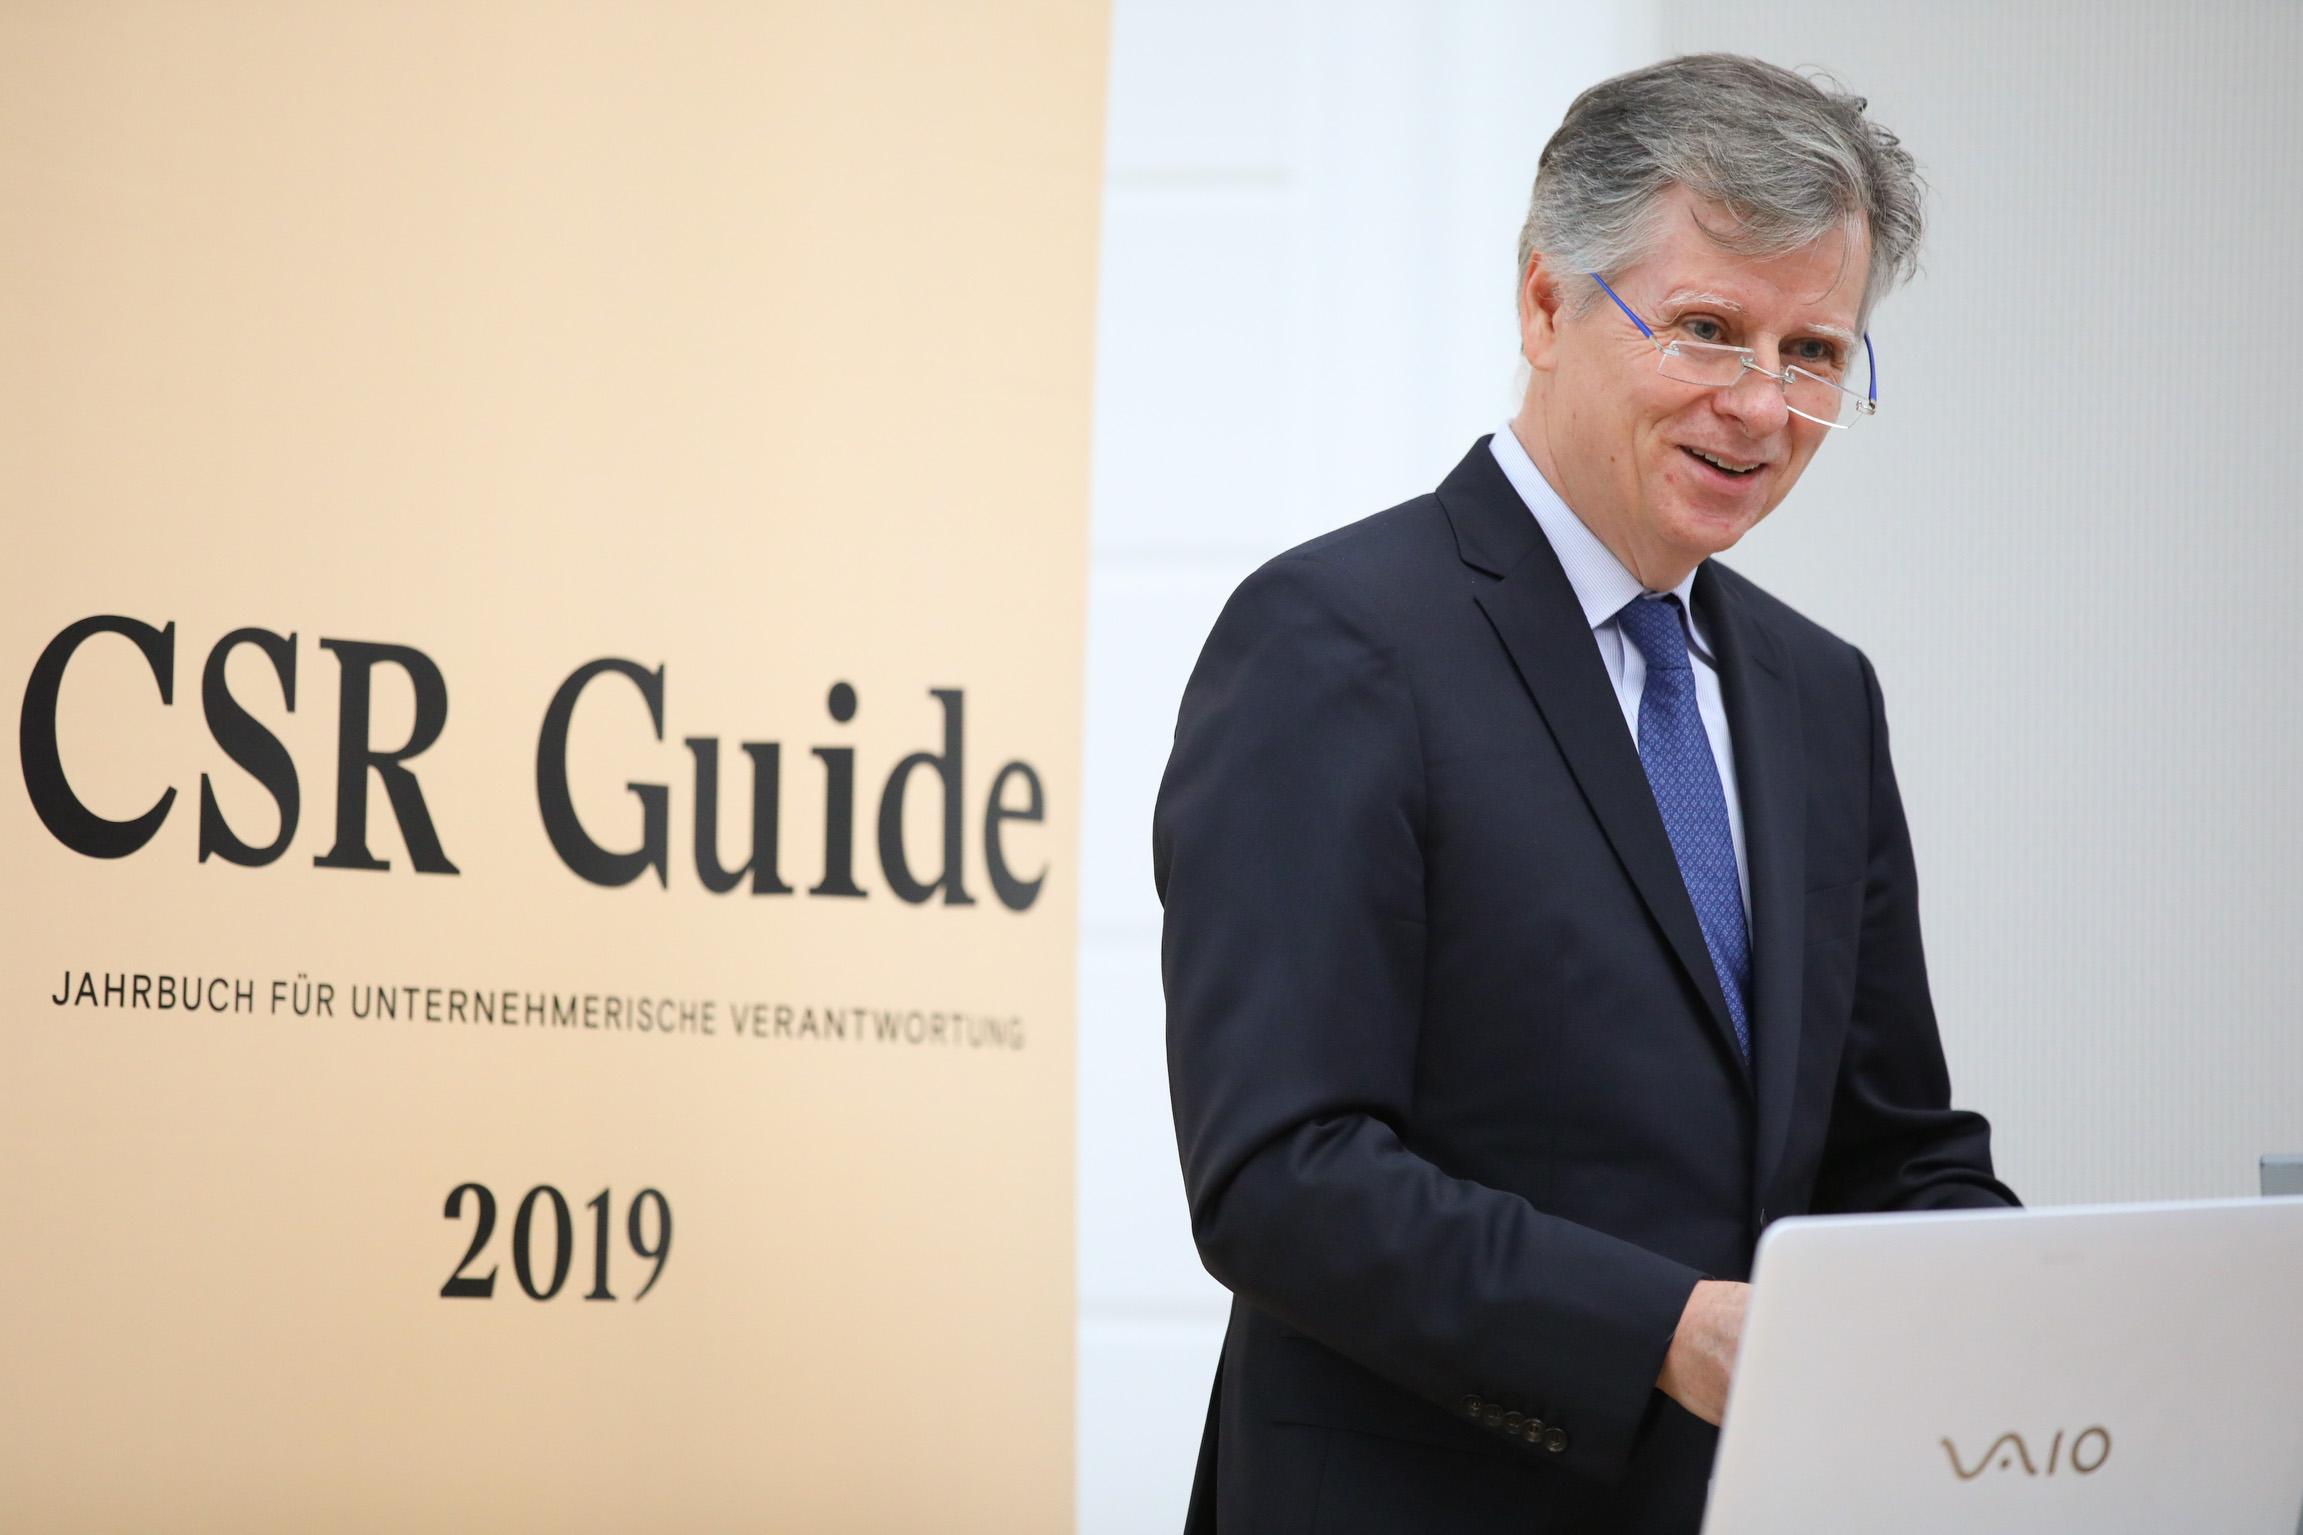 CSR GUIDE 2019: M. Fembek bei der Präsentation der zehnten Ausgabe